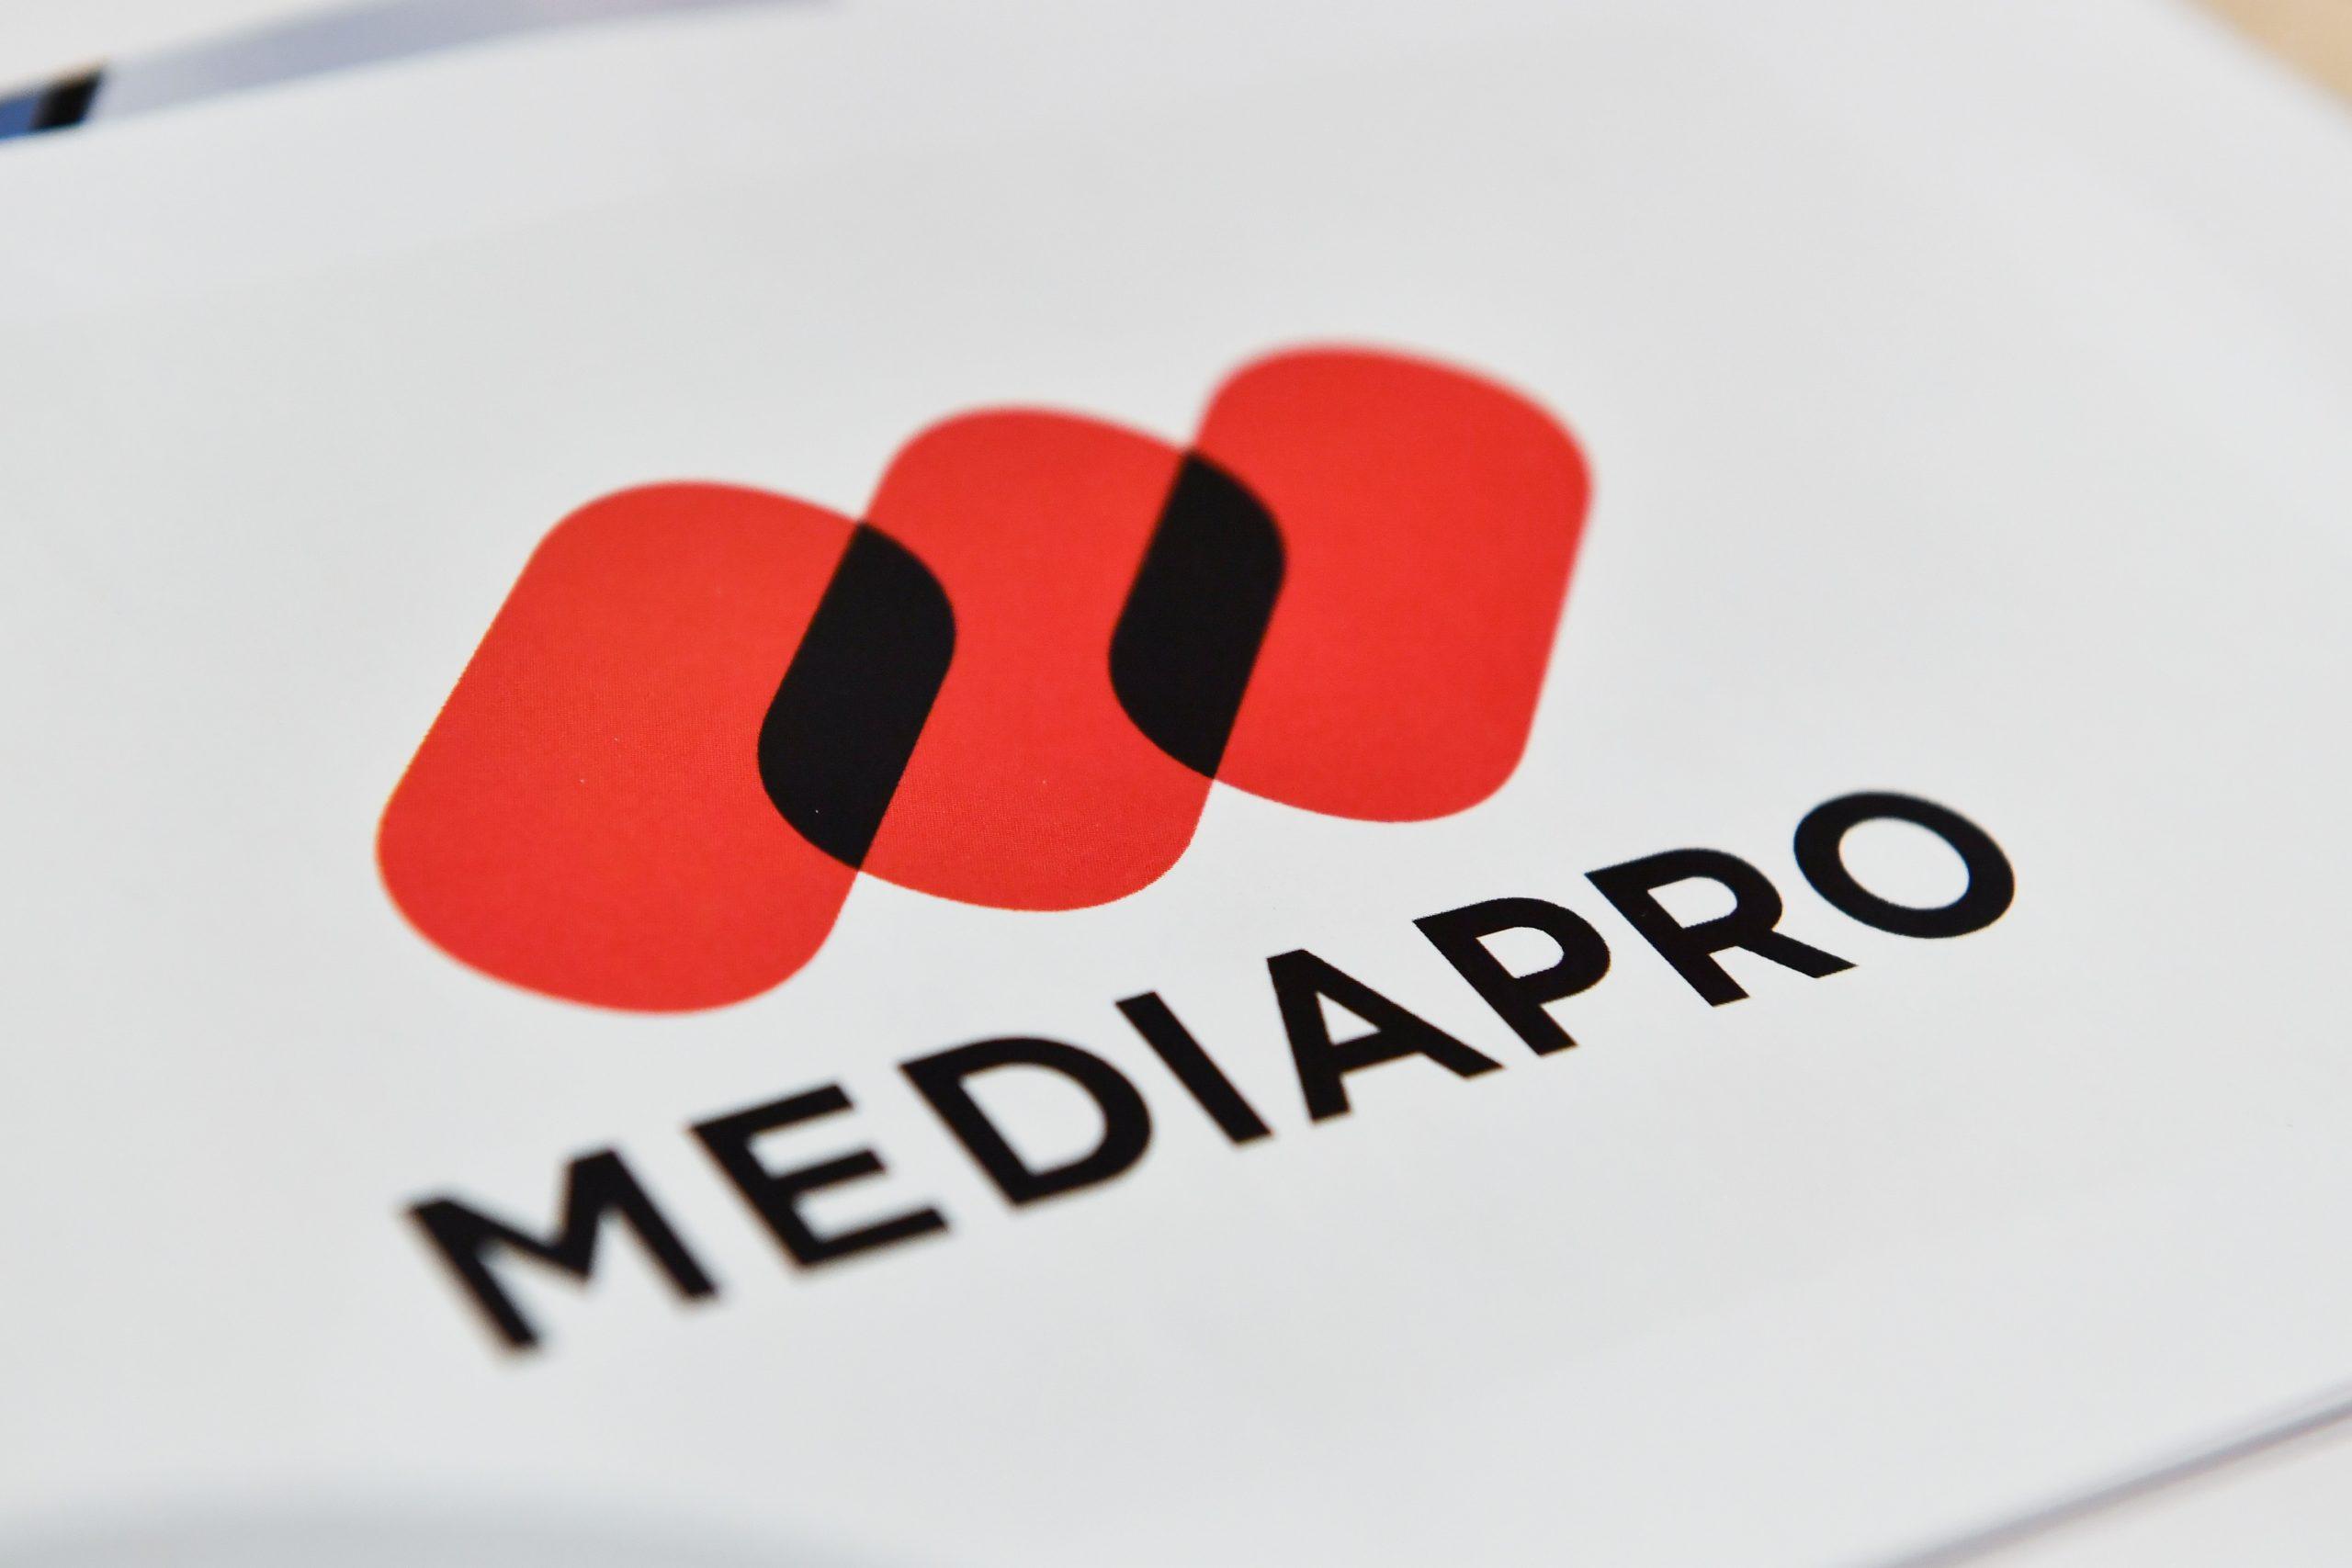 Officiel - Mediapro annonce un accord avec Netflix pour un abonnement qui contient la chaîne Téléfoot